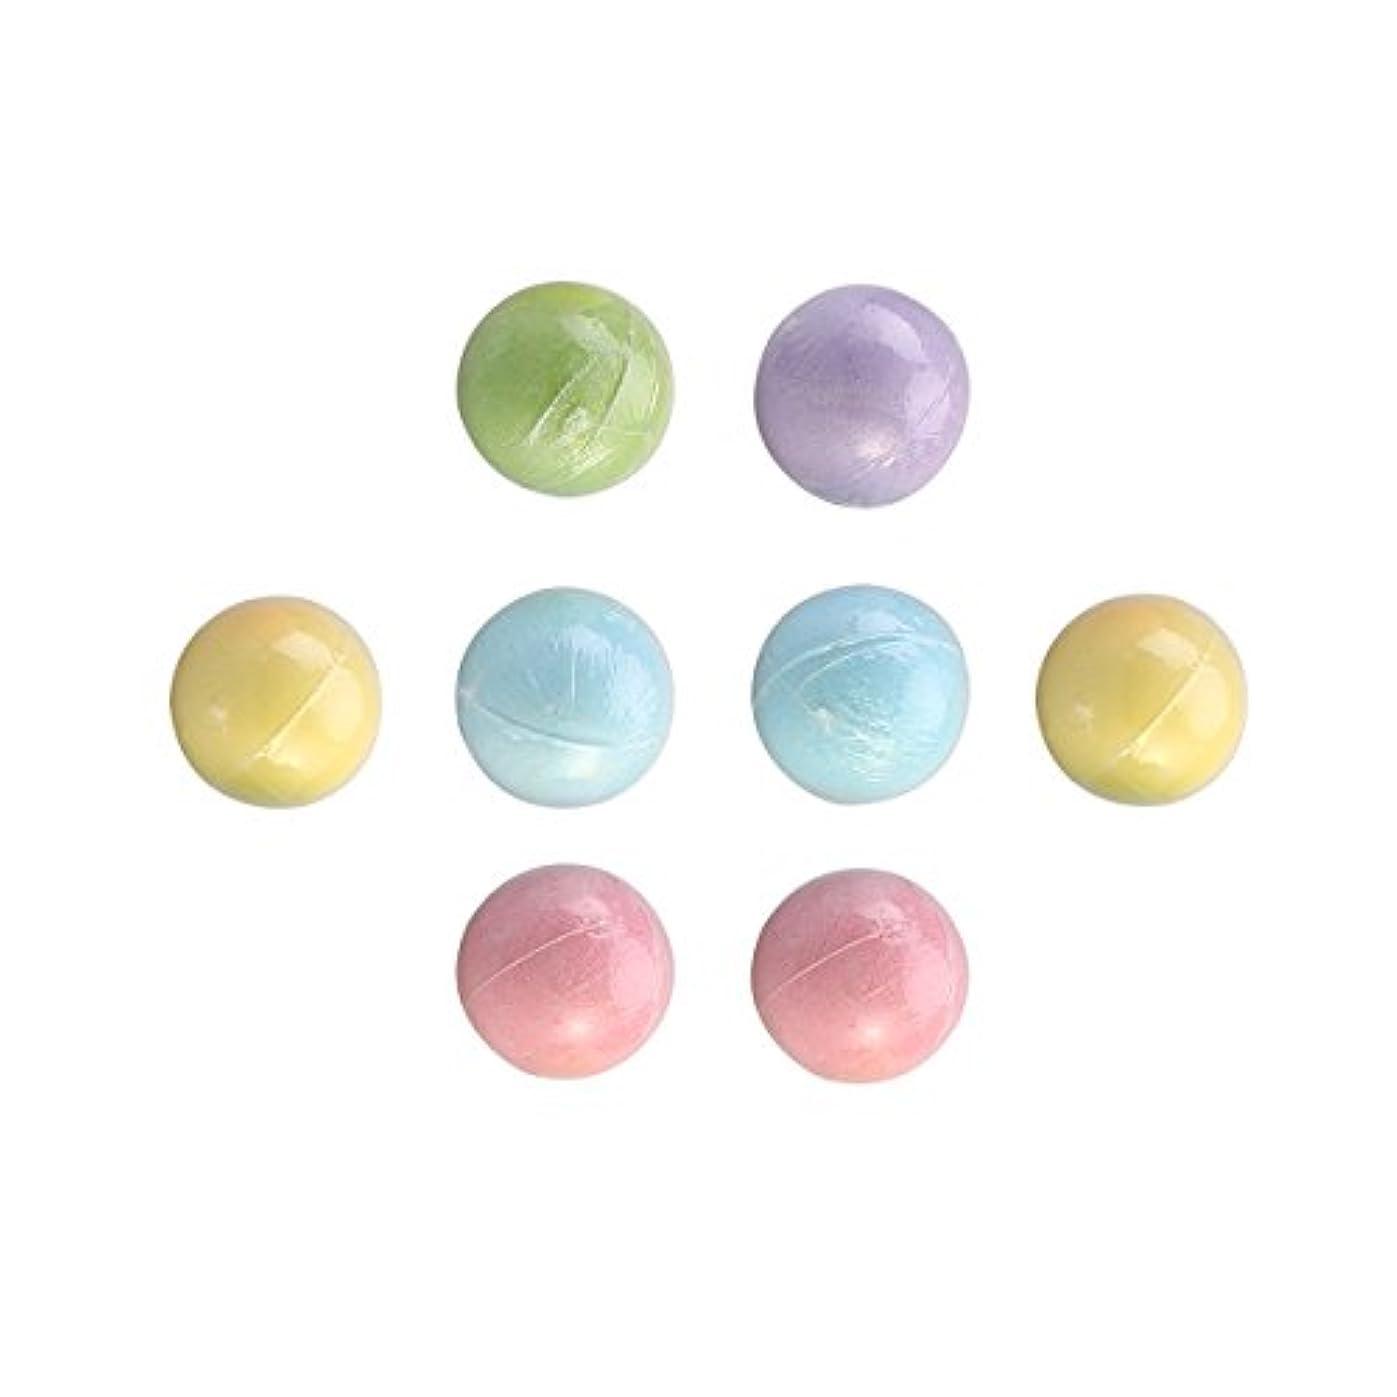 ダイアクリティカル再生サンプルROSENICE 入浴剤ボール バス用品 入浴用品  8個入り 70g(混合色)